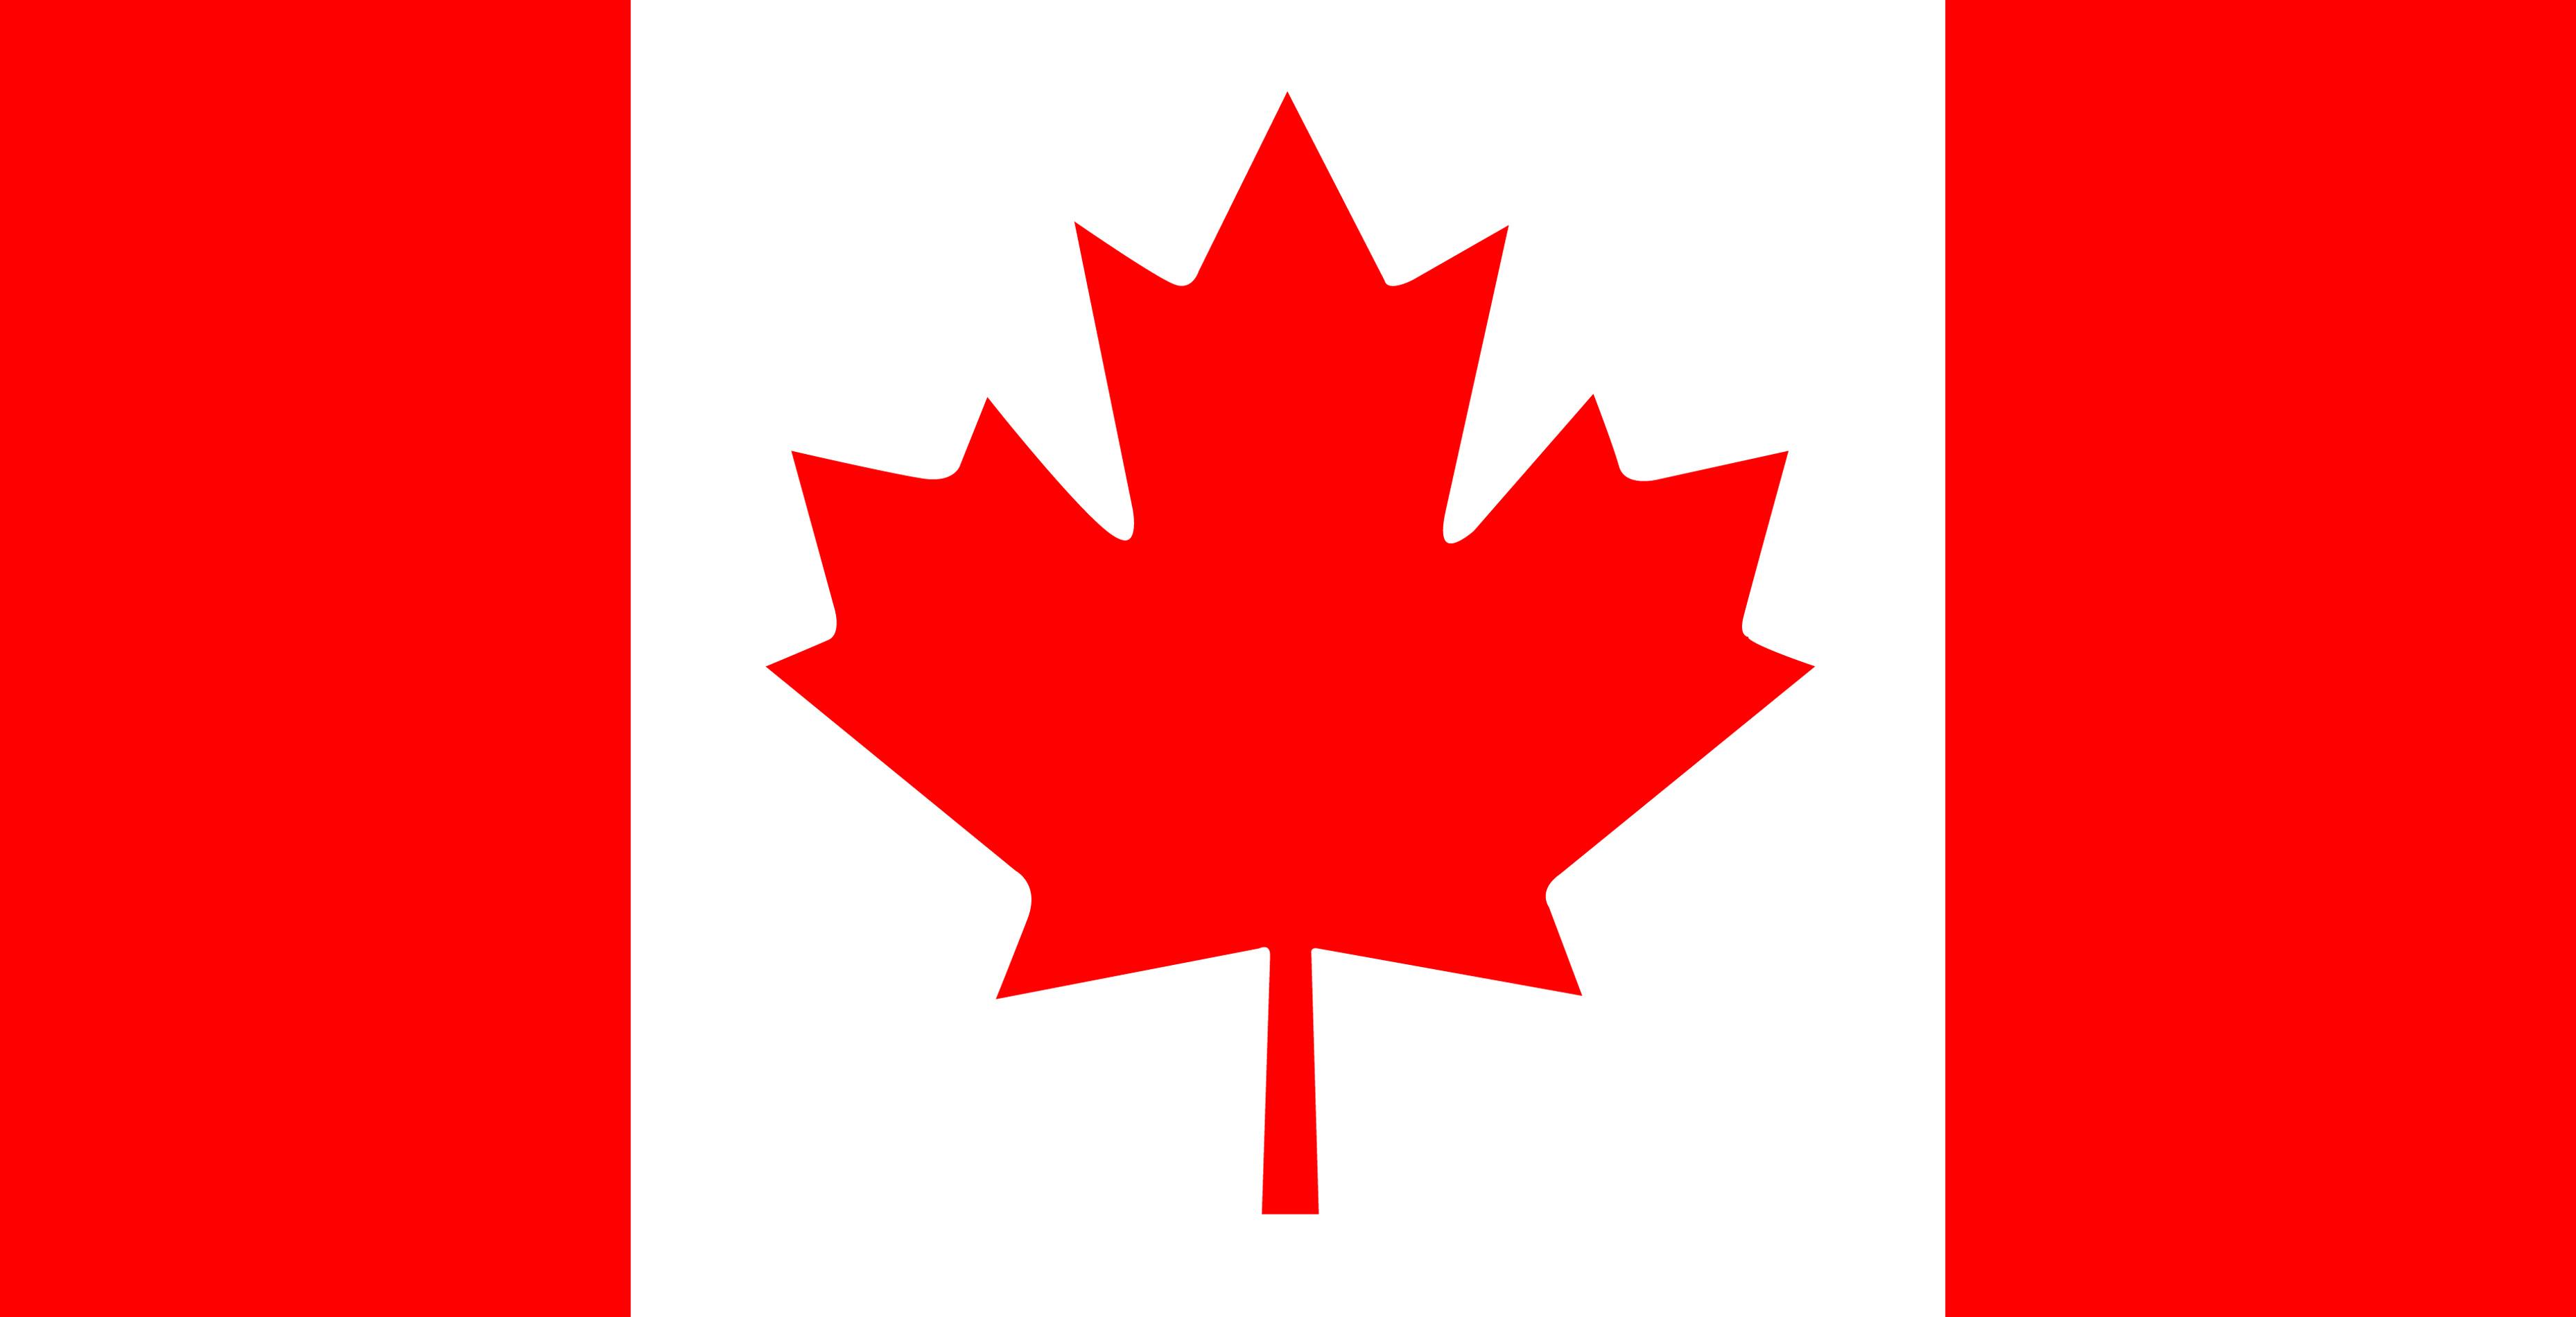 بيان الفائدة الصادر عن بنك كندا